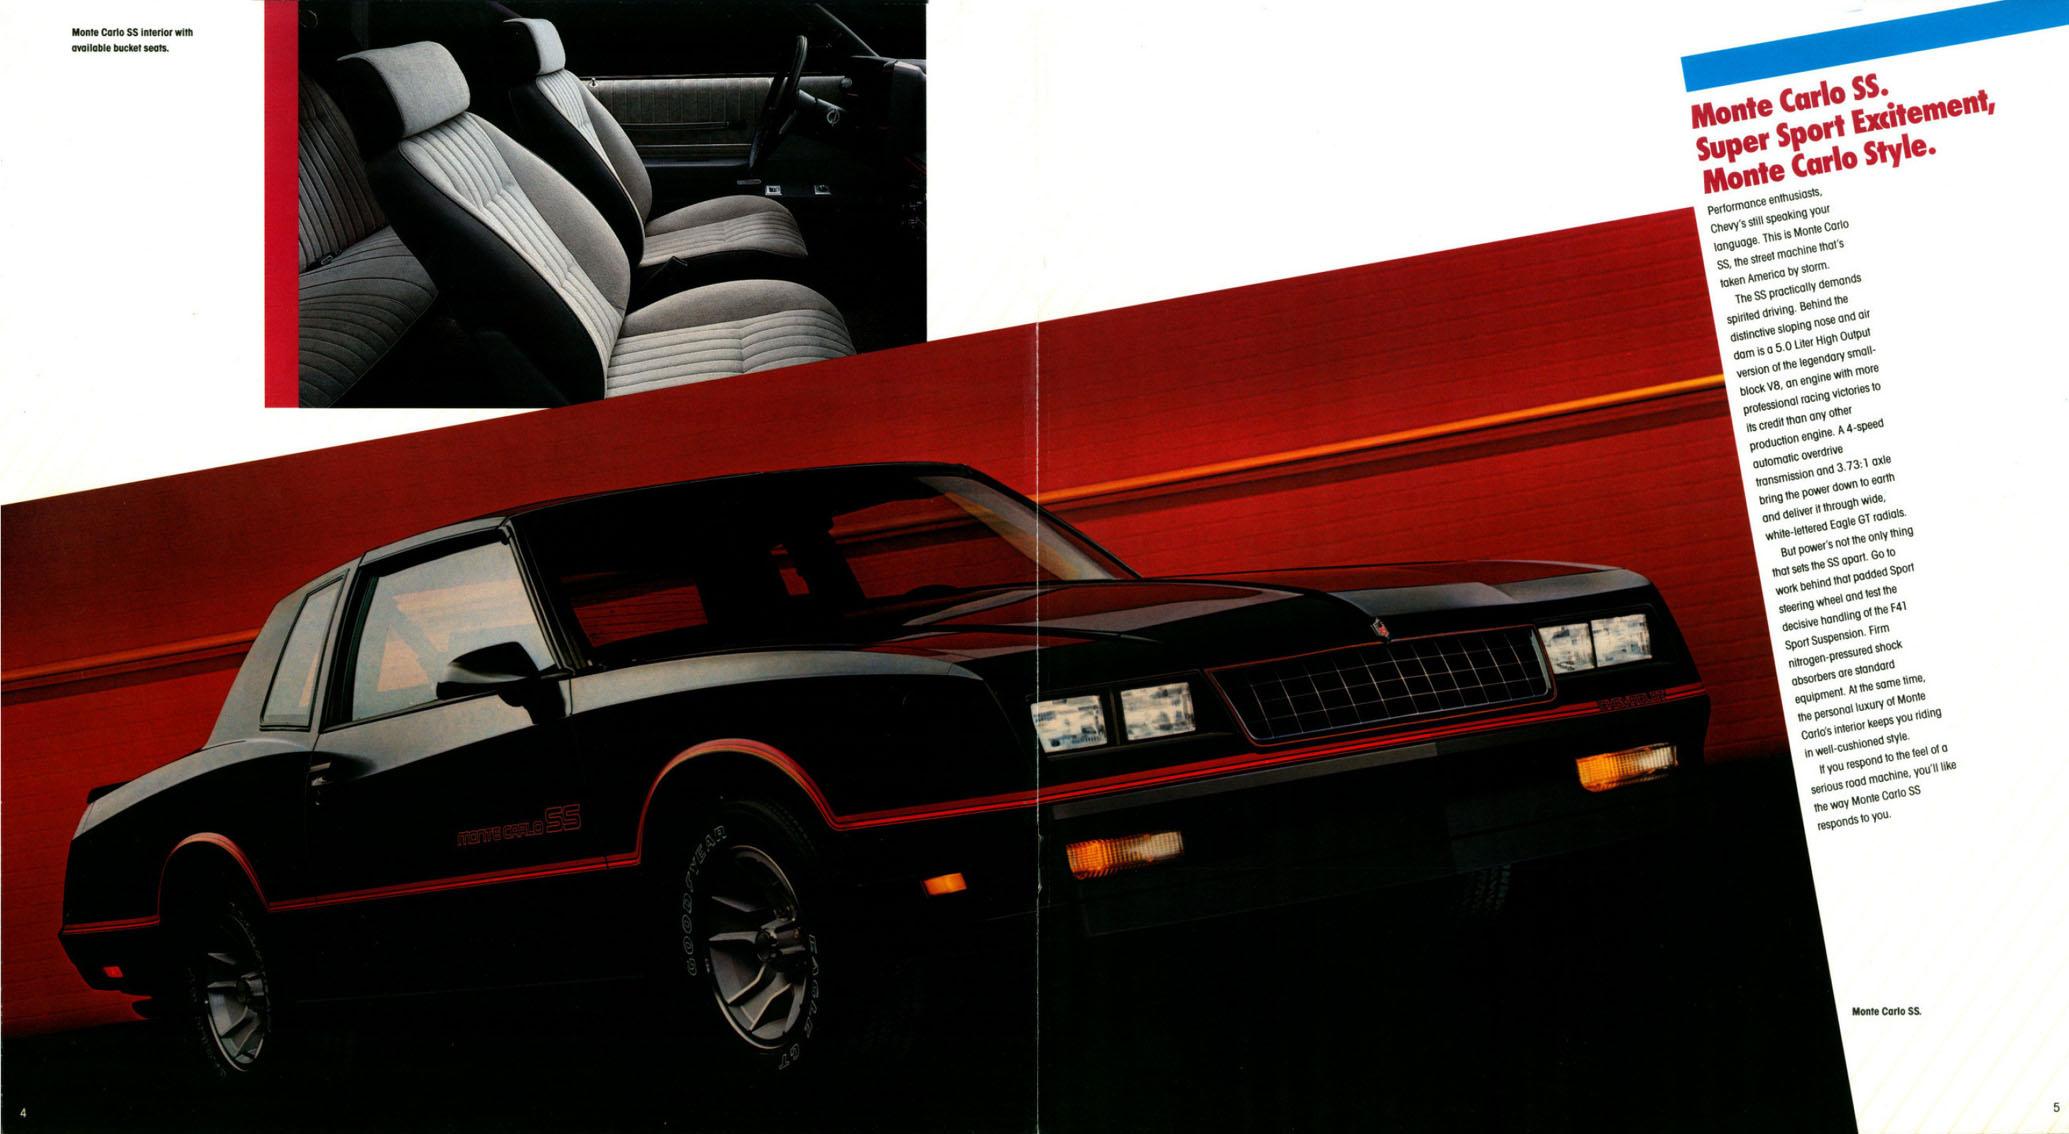 1986 Monte Carlo OEM Brochure (3)